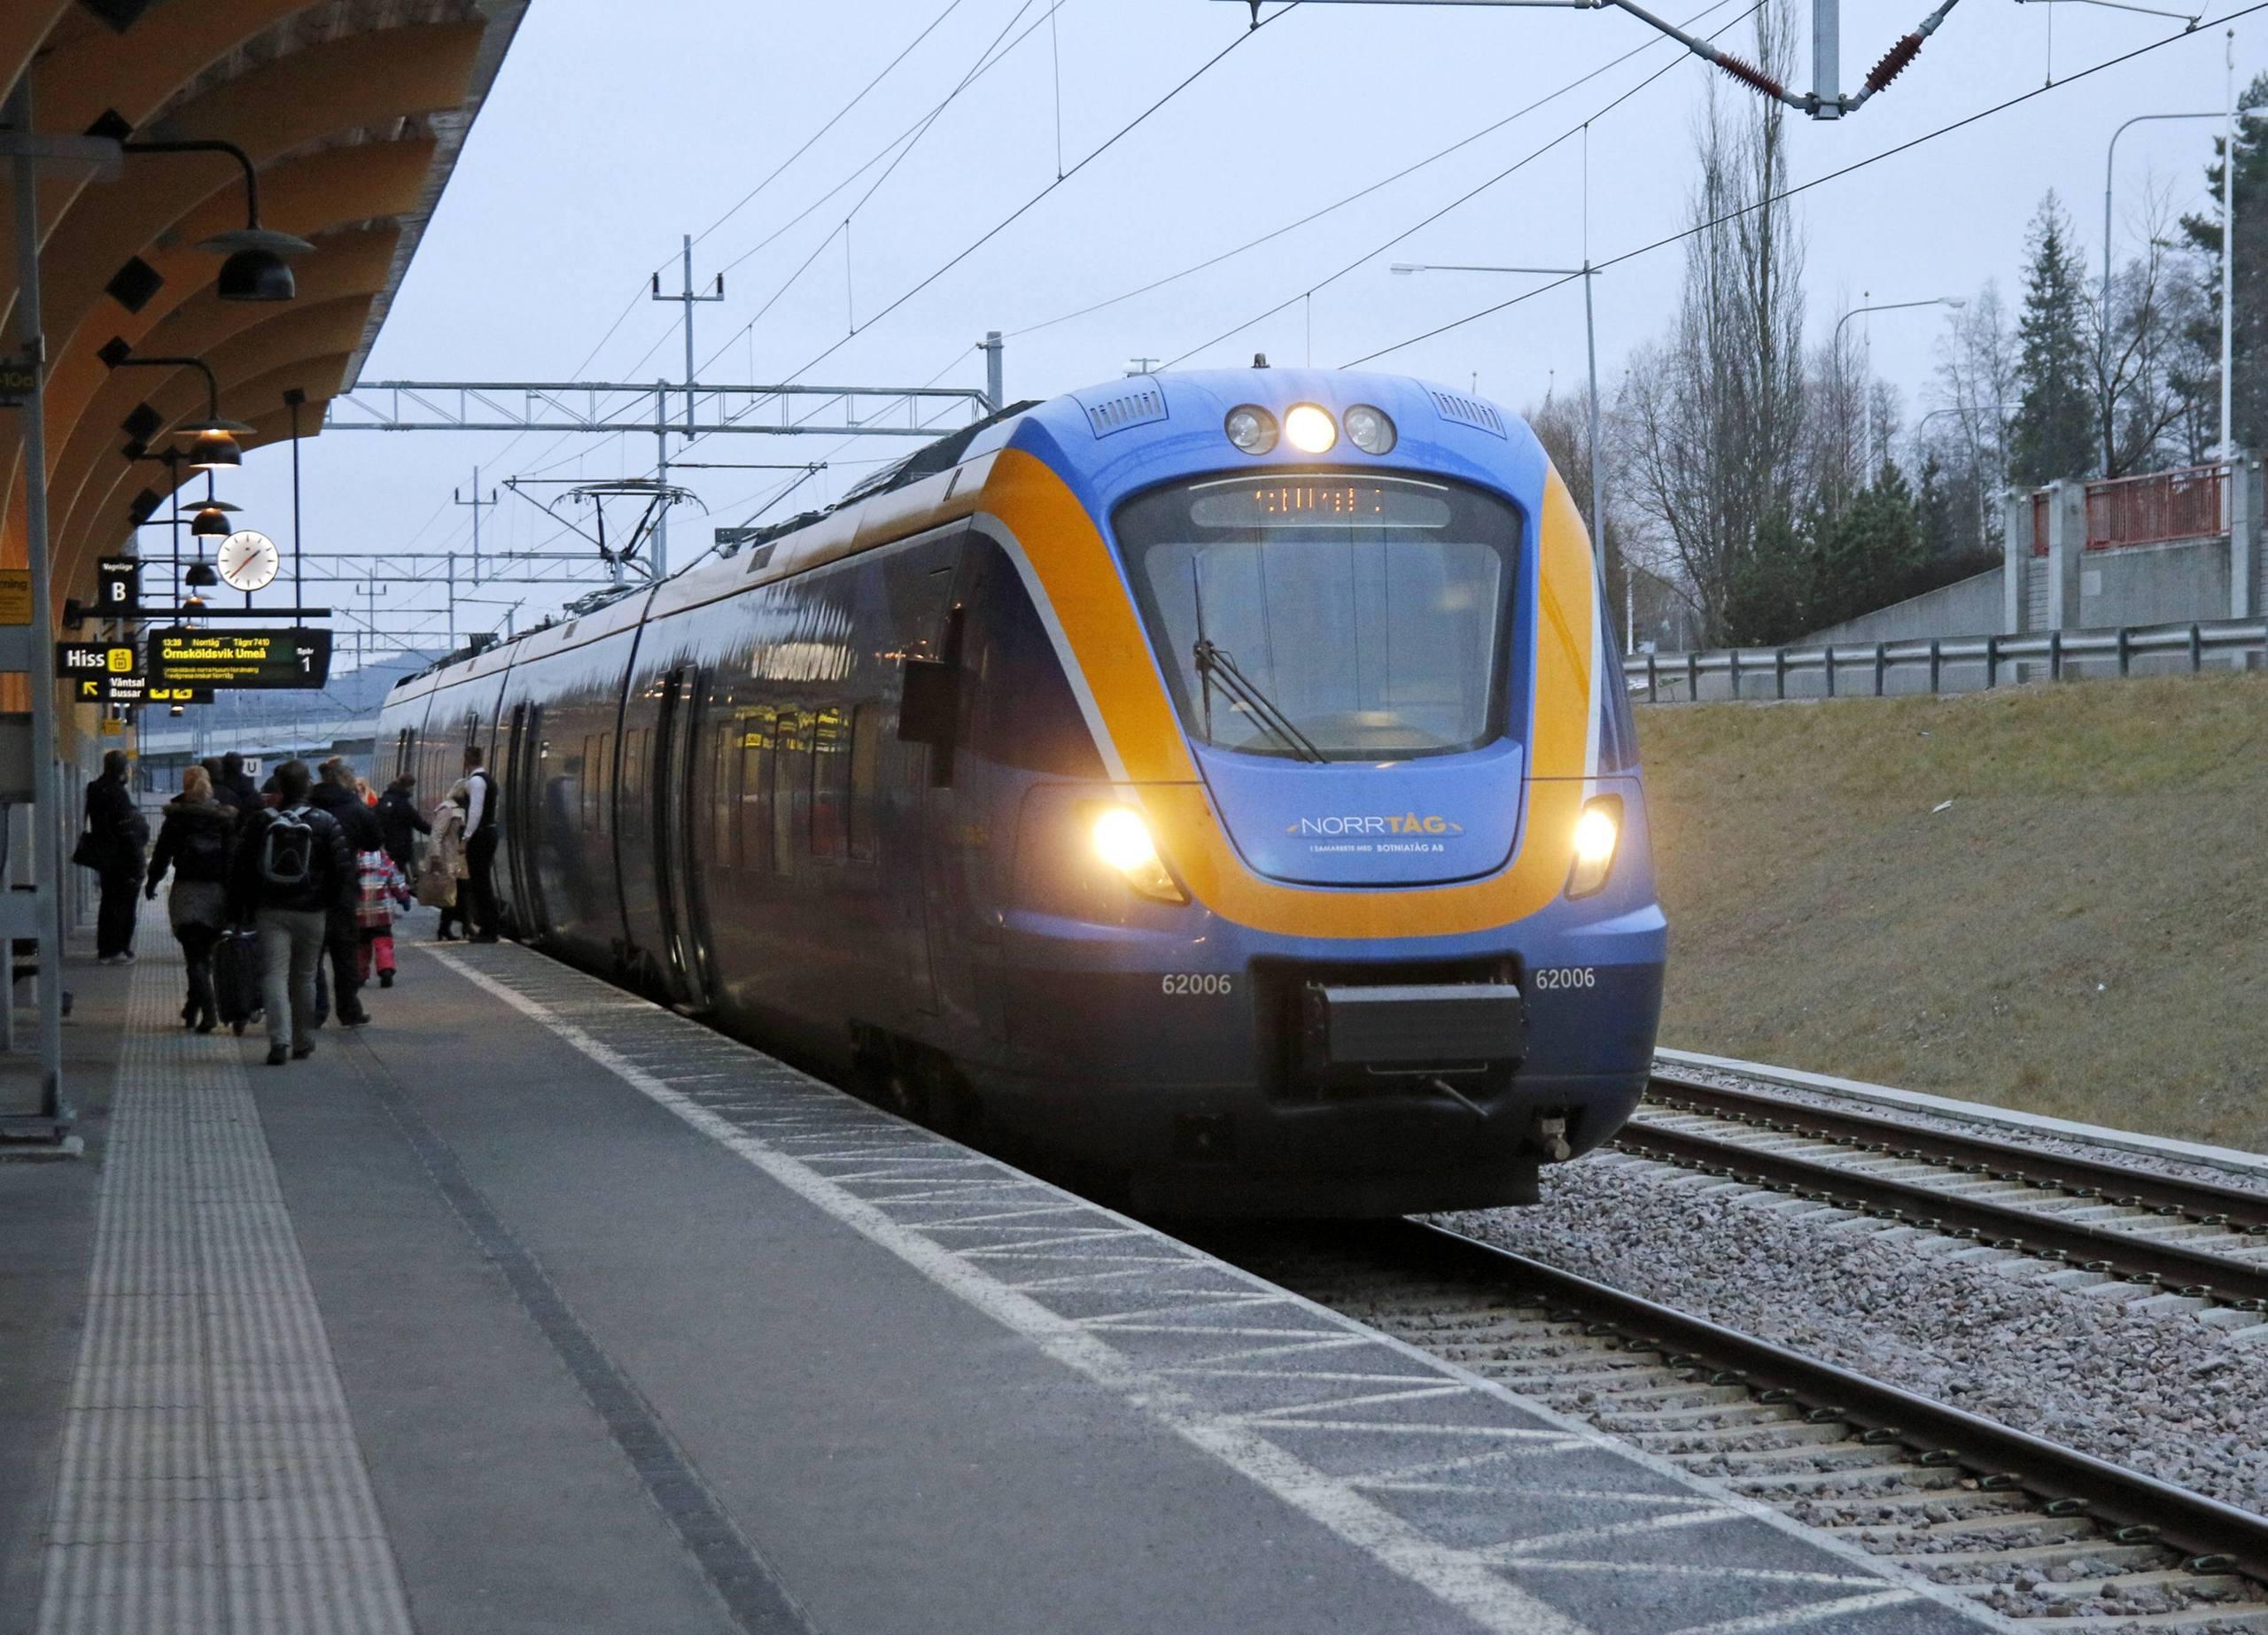 Om Norrtåg vill är SJ beredd att starta ett samarbete för bättre pendlingsmöjligheter i Västernorrland. Bild: Erik Åmell